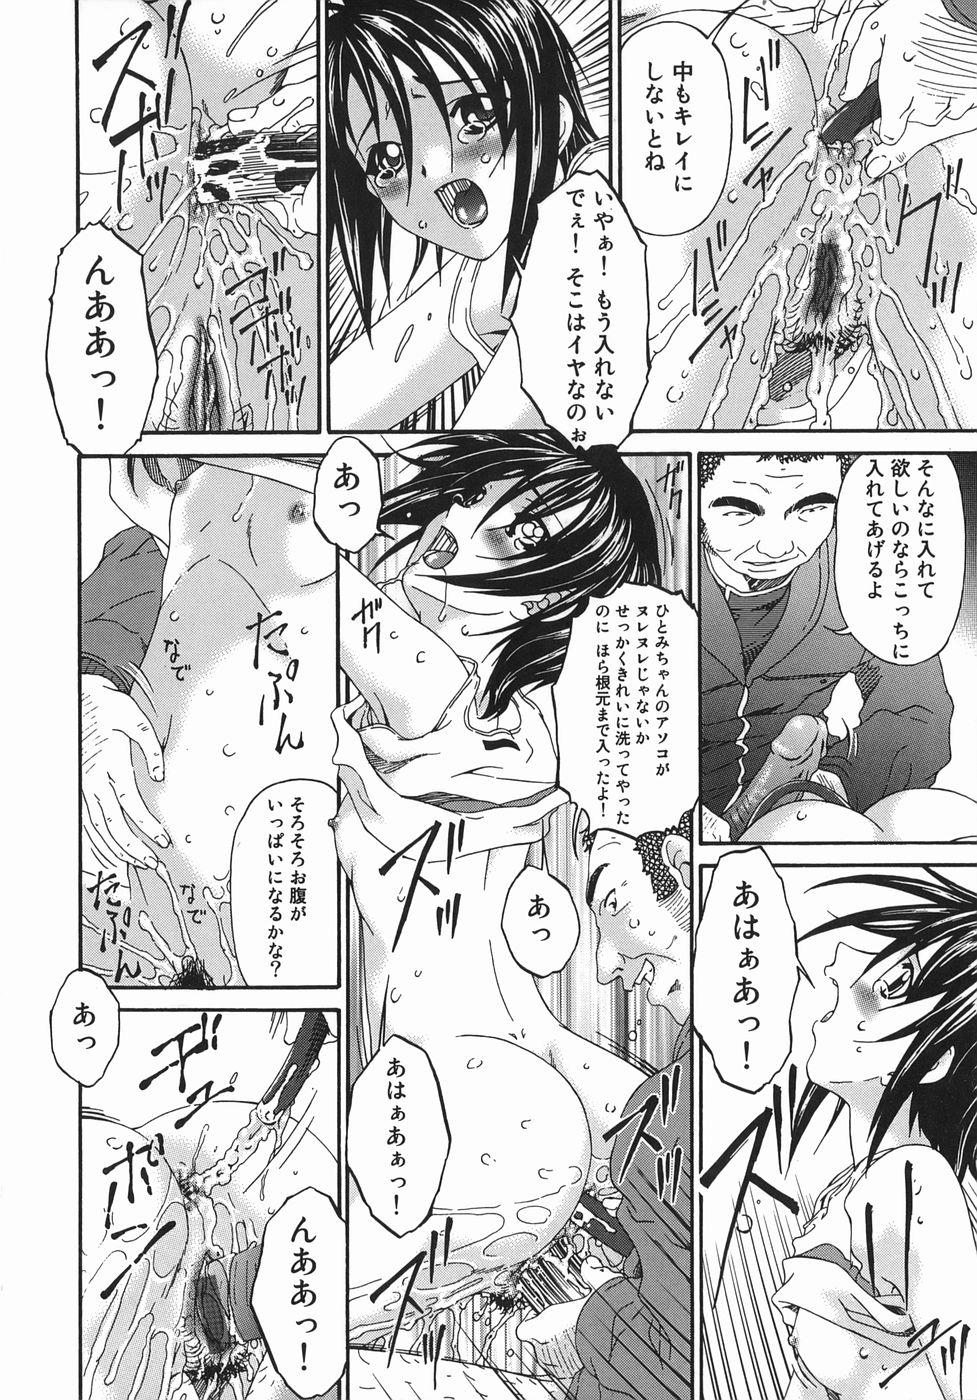 Hensachi ZERO kara no Seiteki Kyouiku 147